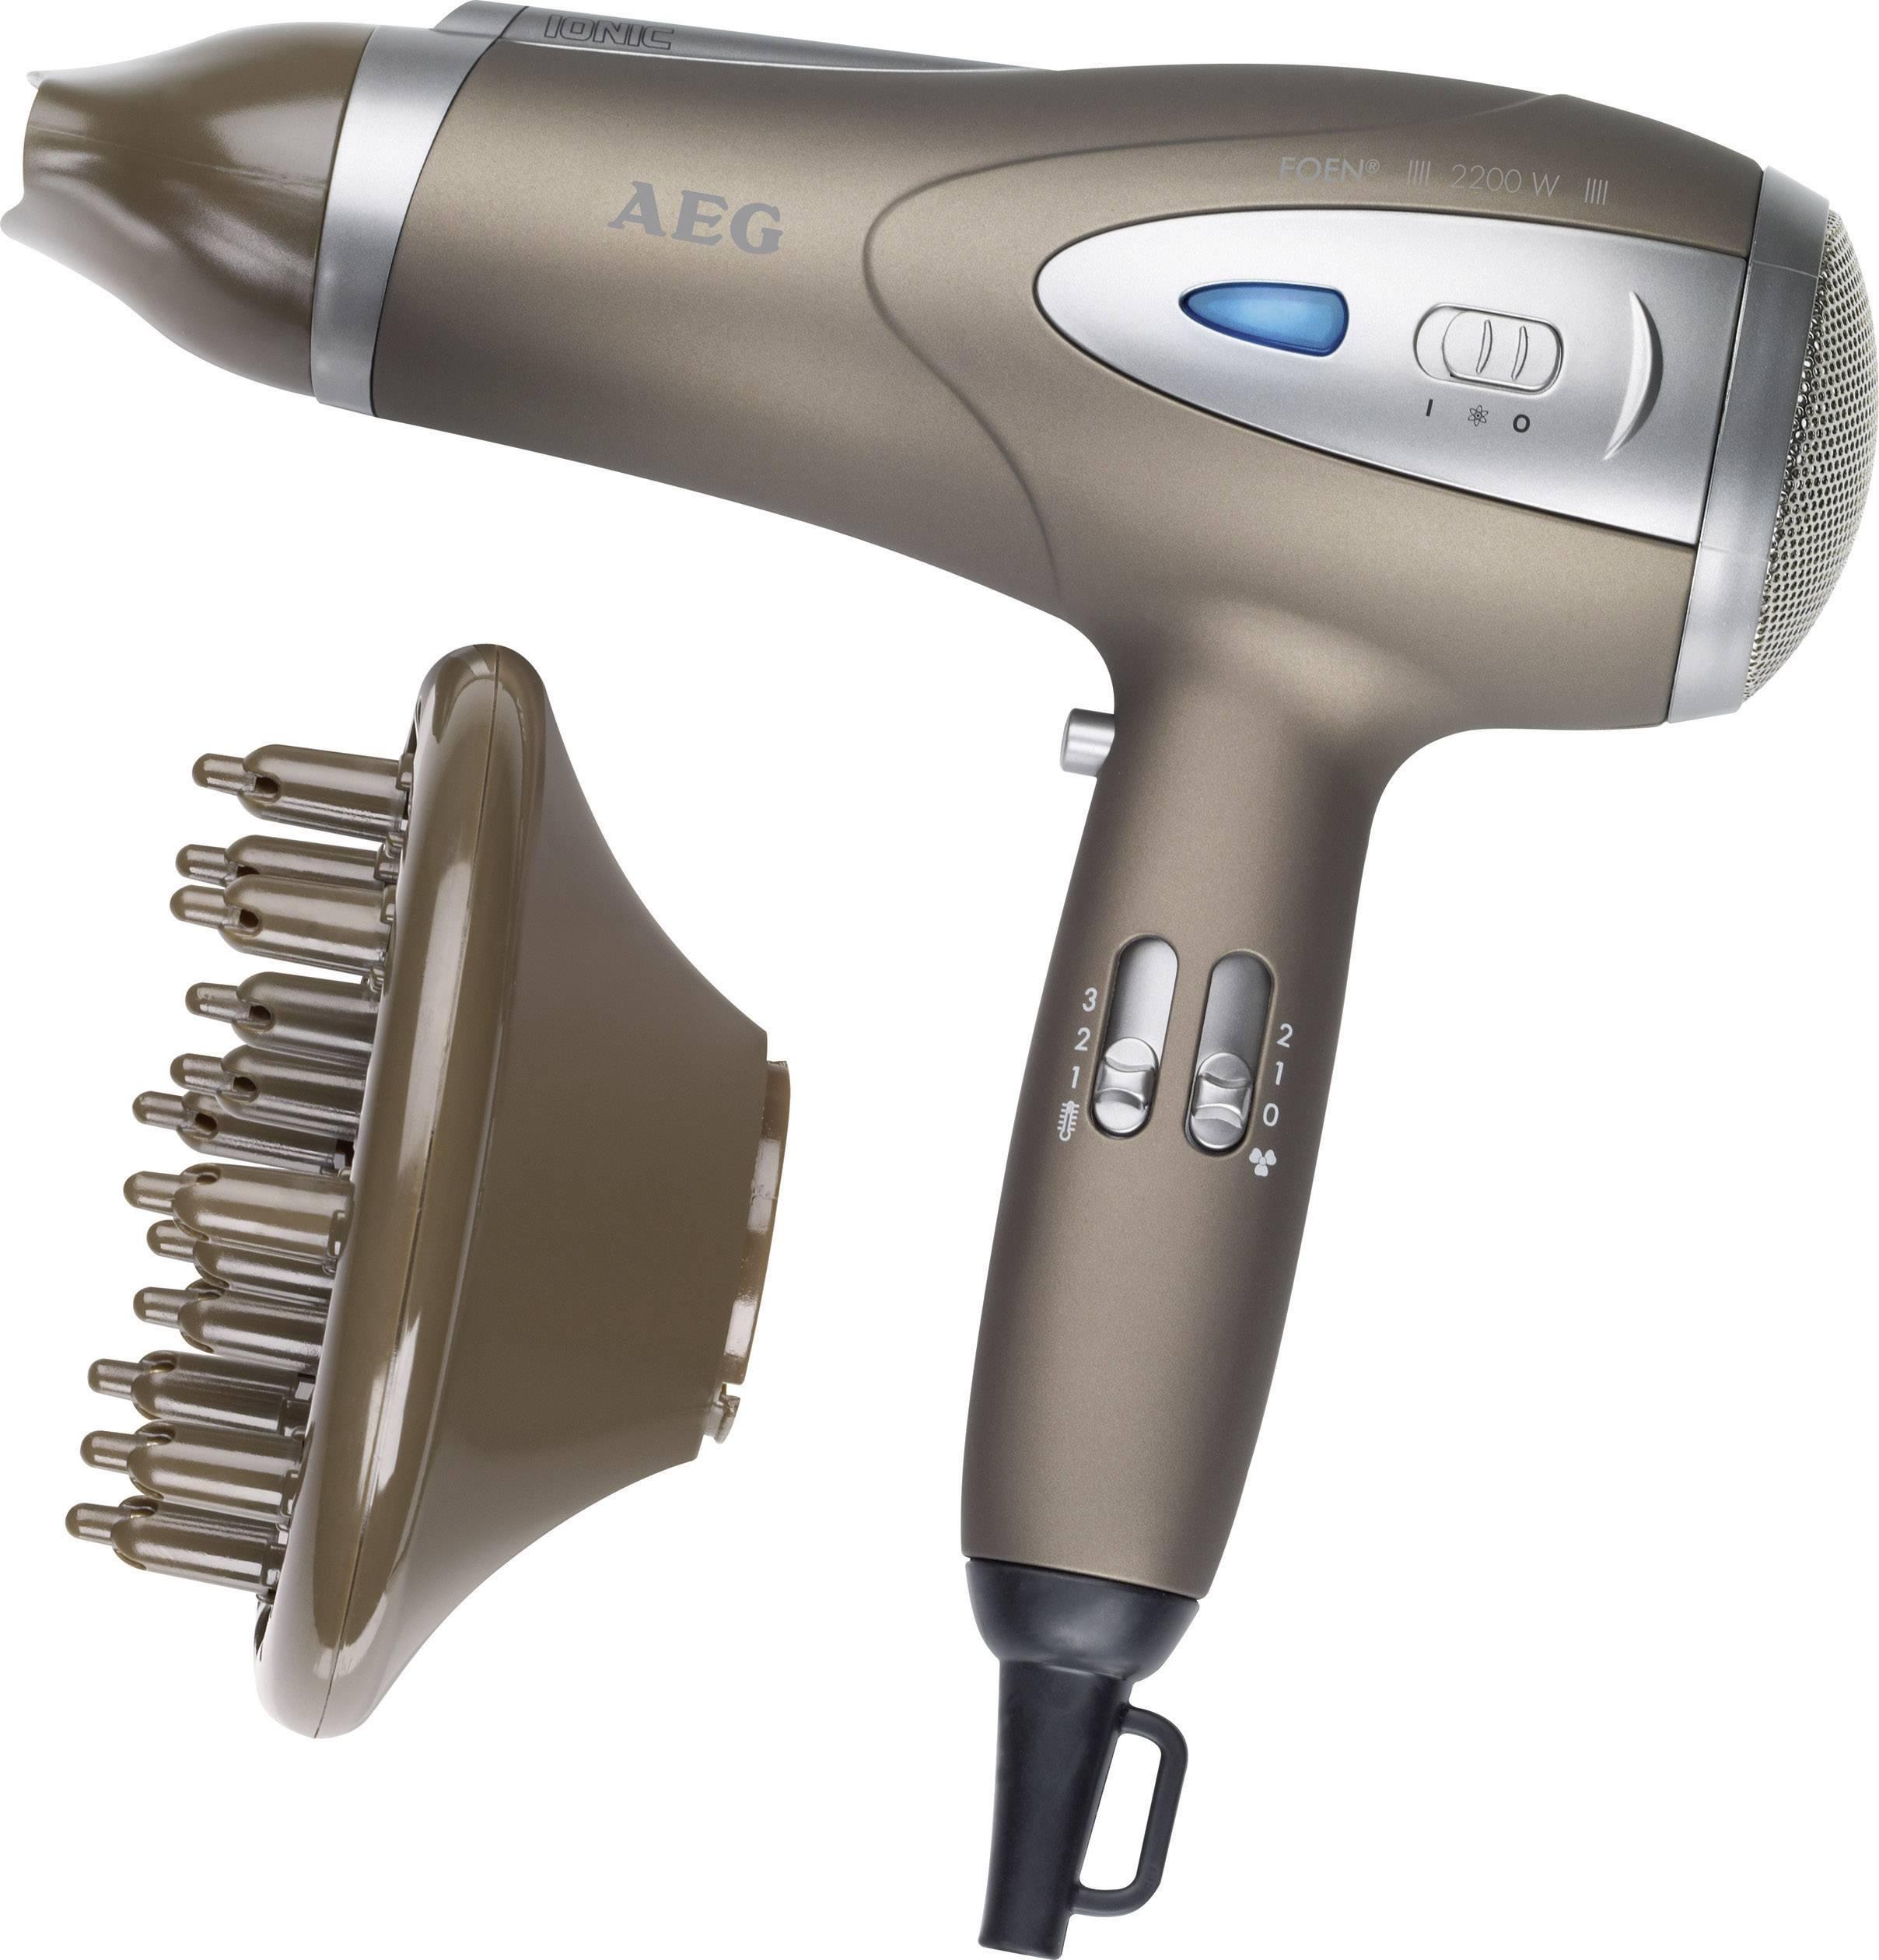 Fén AEG HTD 5584 hnedá (metalíza), strieborná